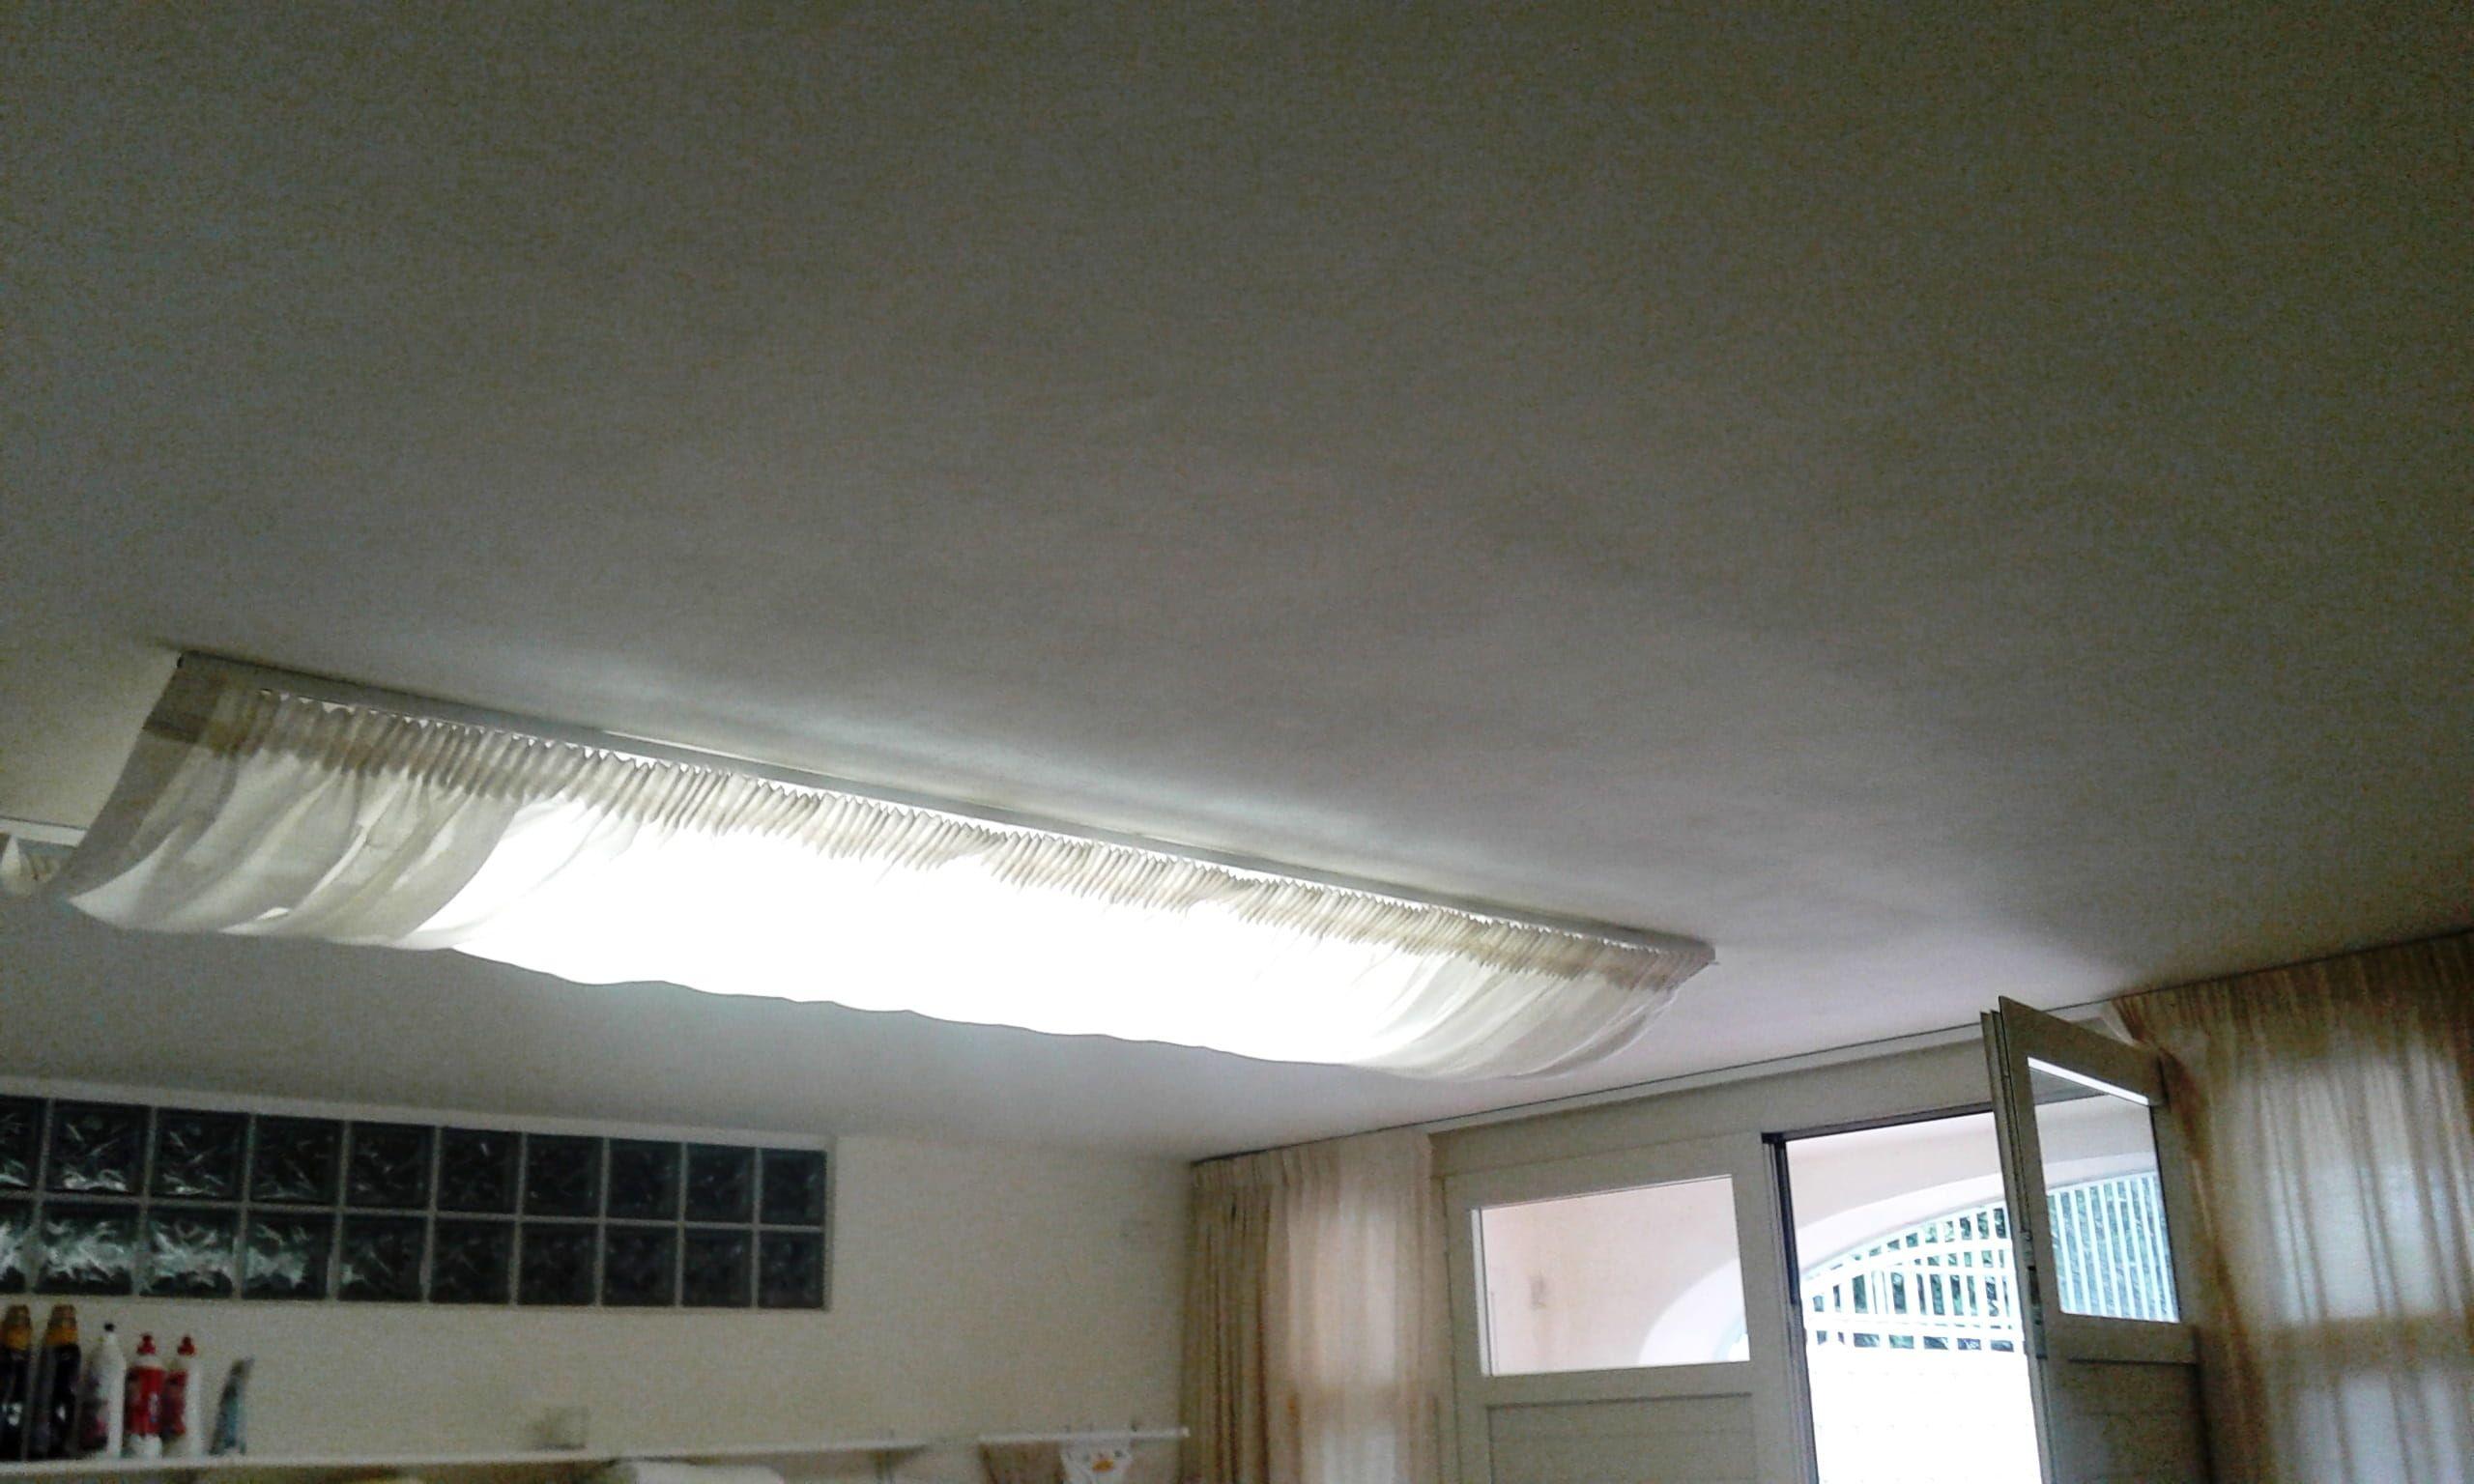 Binari Tende A Soffitto : Tende in tessuto ignifugo e filtrante bianco con binari a soffitto